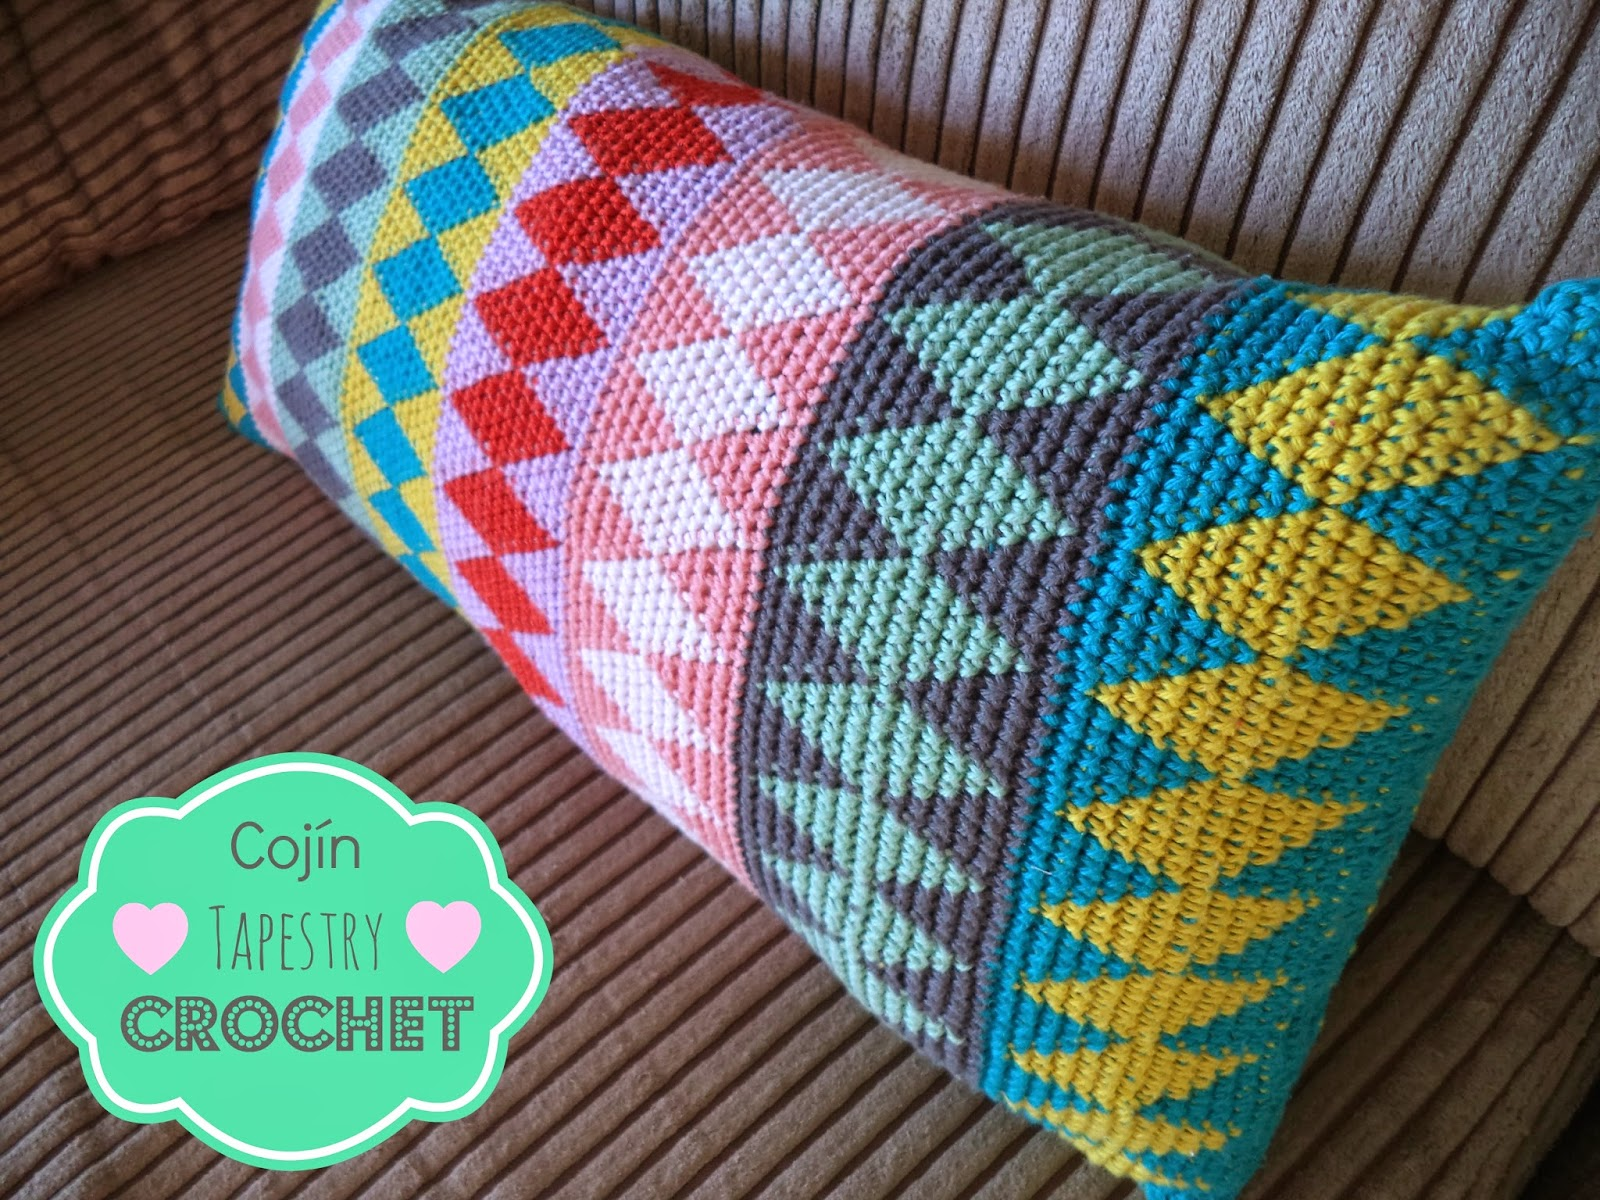 cojín tapestry crochet